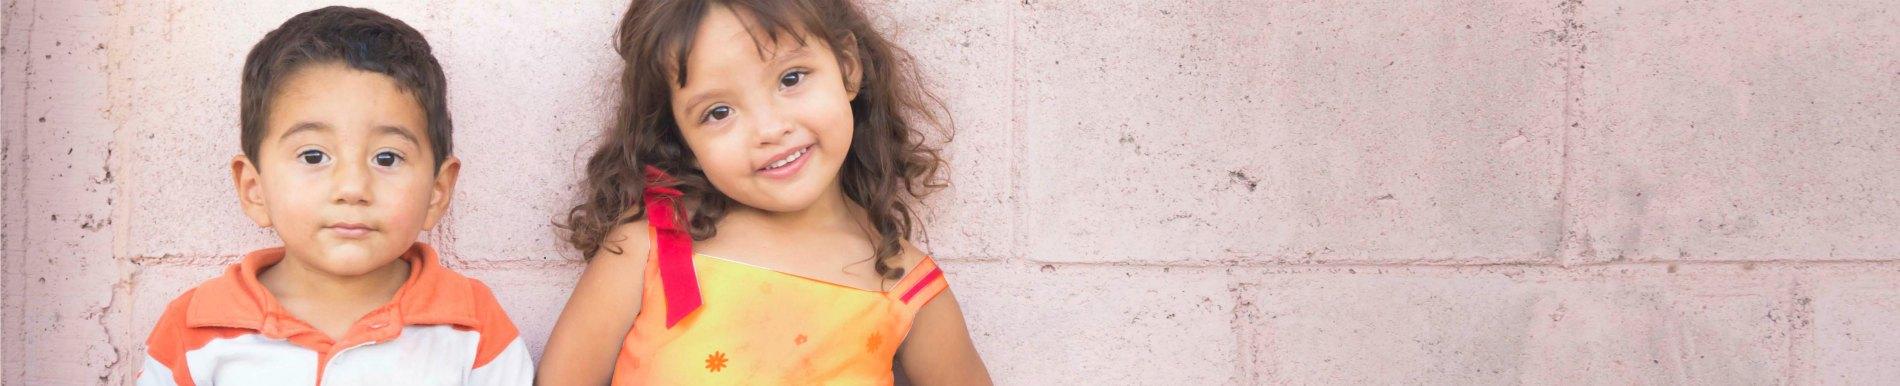 https://www.healthychildren.org/SiteCollectionImages/kids_gun_orangeday_2015.jpg